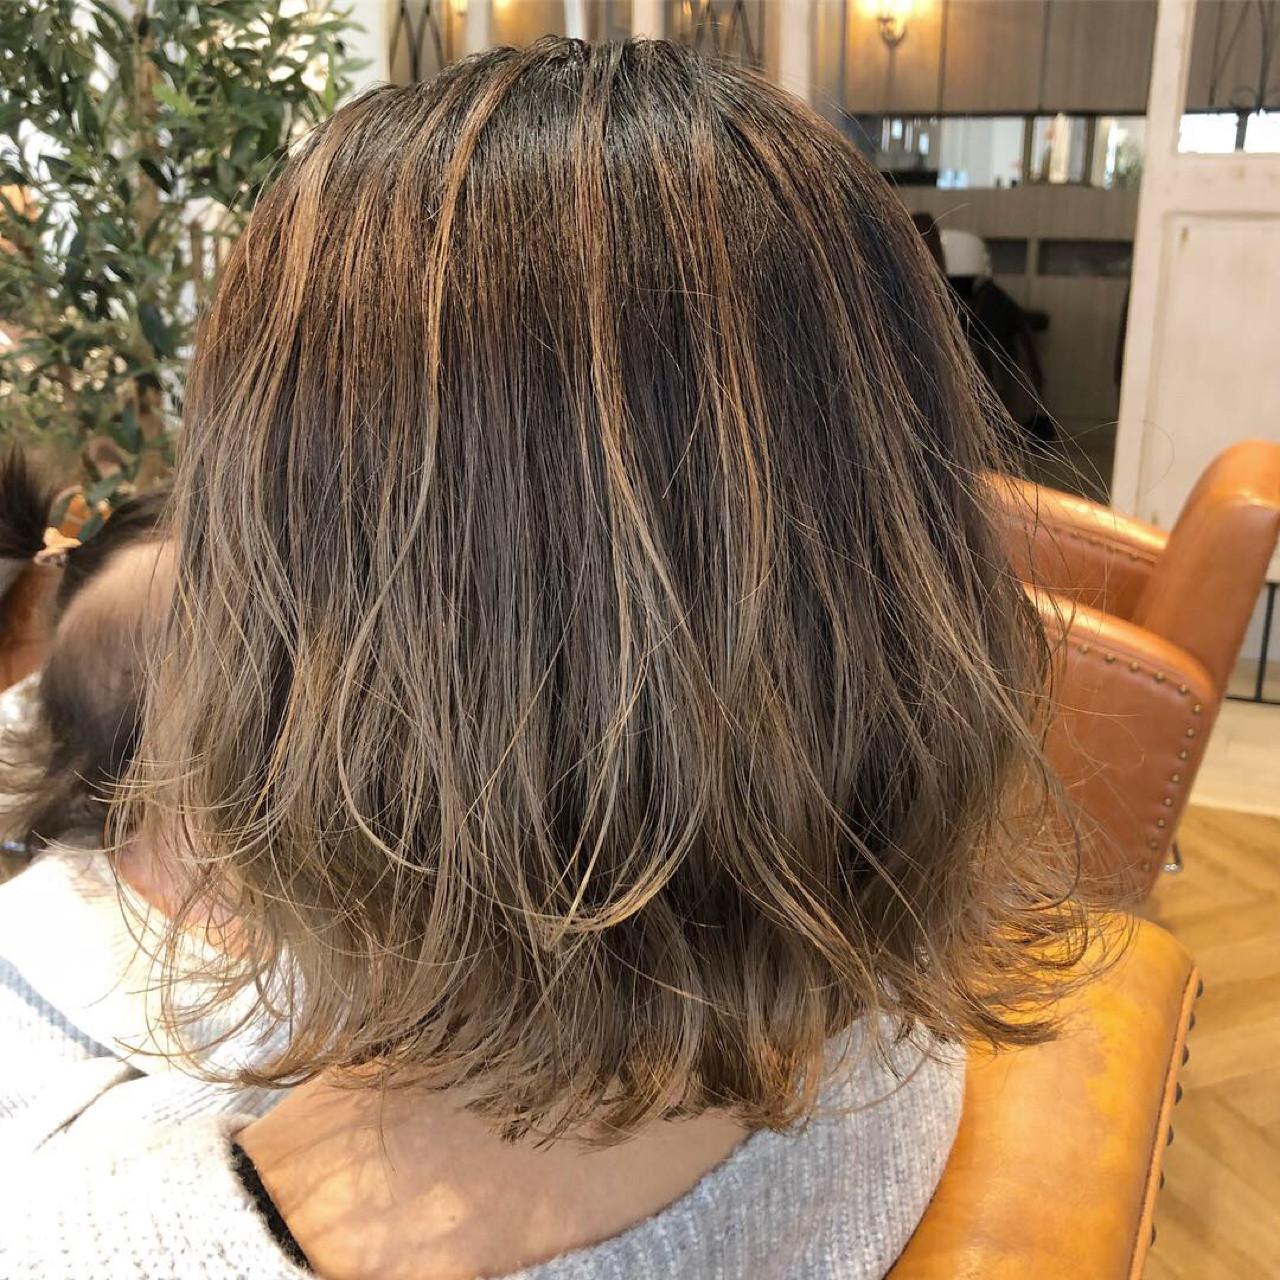 グレージュ アンニュイ ナチュラル ウェーブ ヘアスタイルや髪型の写真・画像 | takuya / mlife